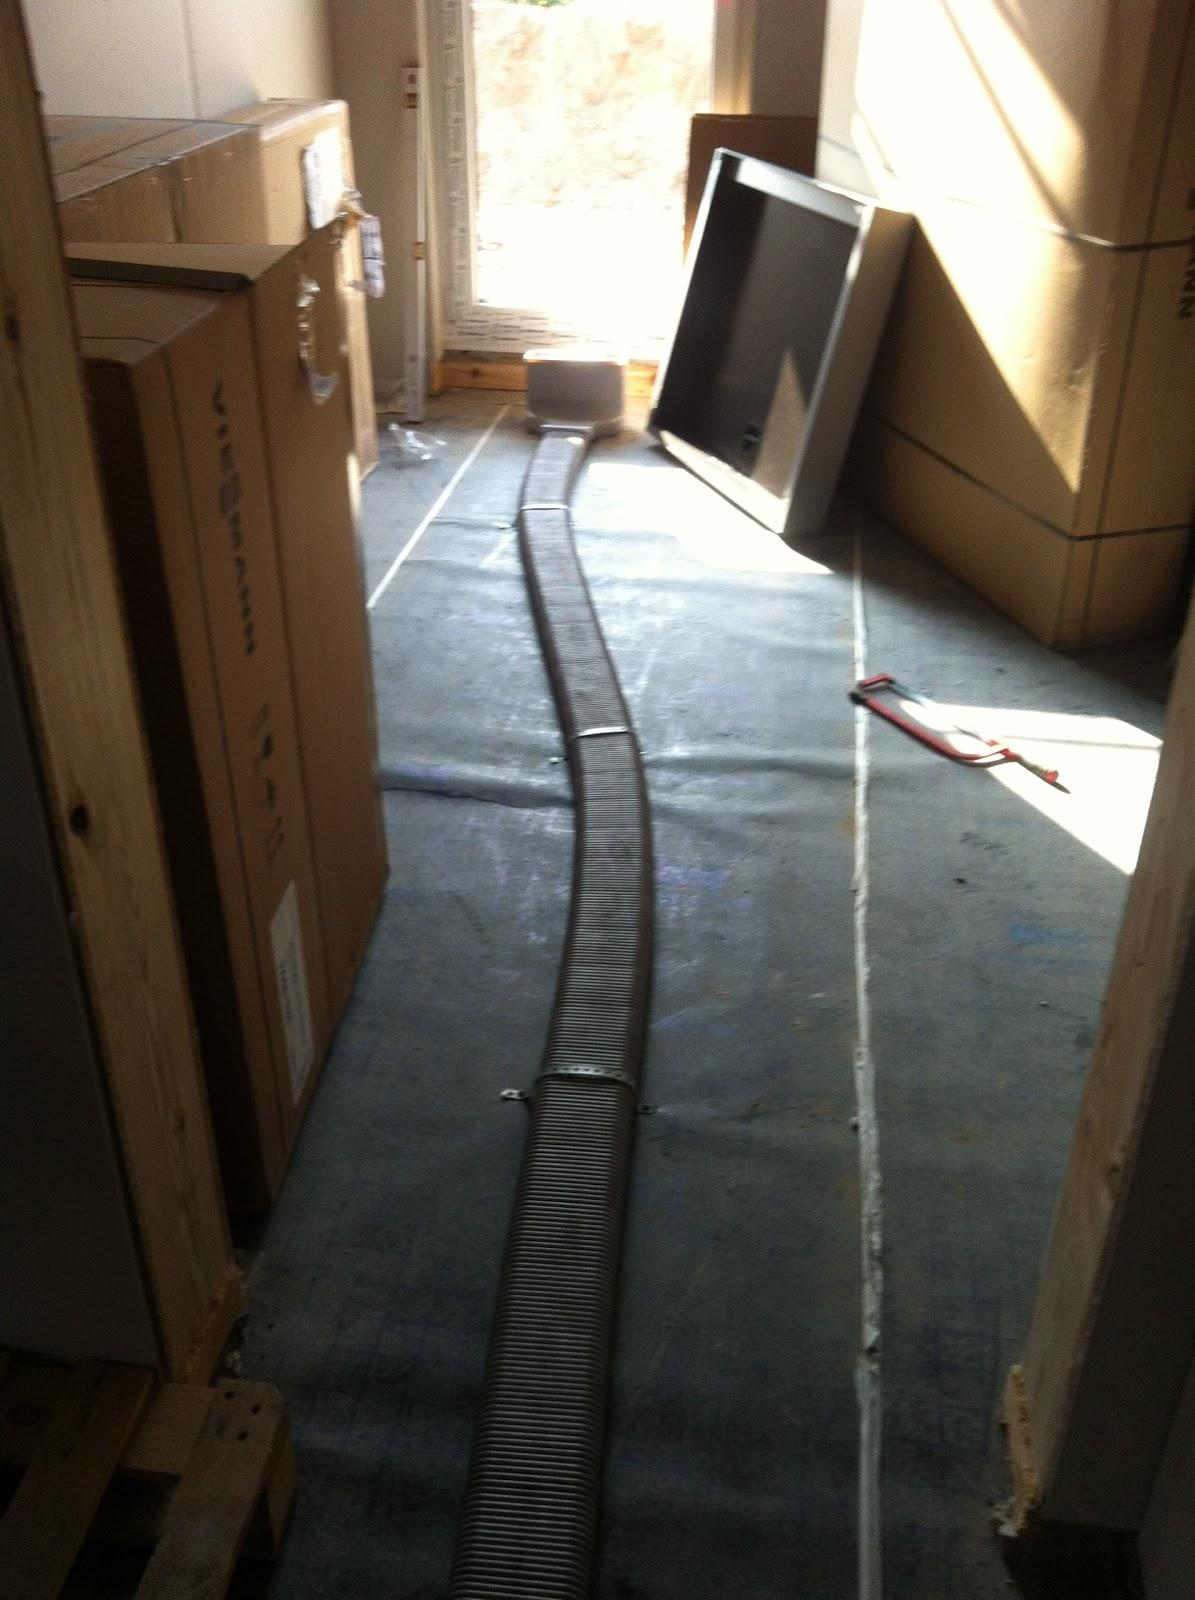 kasia irek wir bauen unser traumhaus sanit r heizung l ftung und hausanschl sse. Black Bedroom Furniture Sets. Home Design Ideas